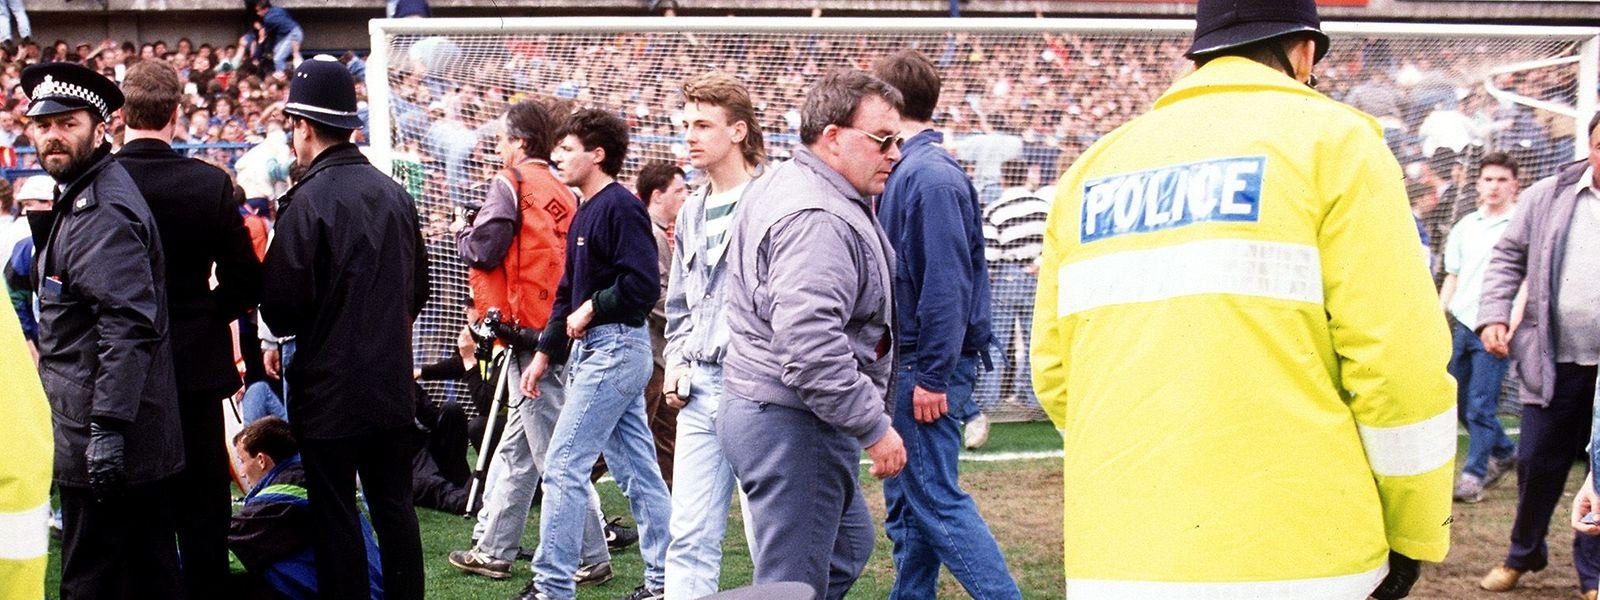 Der schwärzeste Tag in der englischen Fußballgeschichte: 96 Menschen kamen bei der Hillsborough-Katastrophe am 15. April 1989 ums Leben.